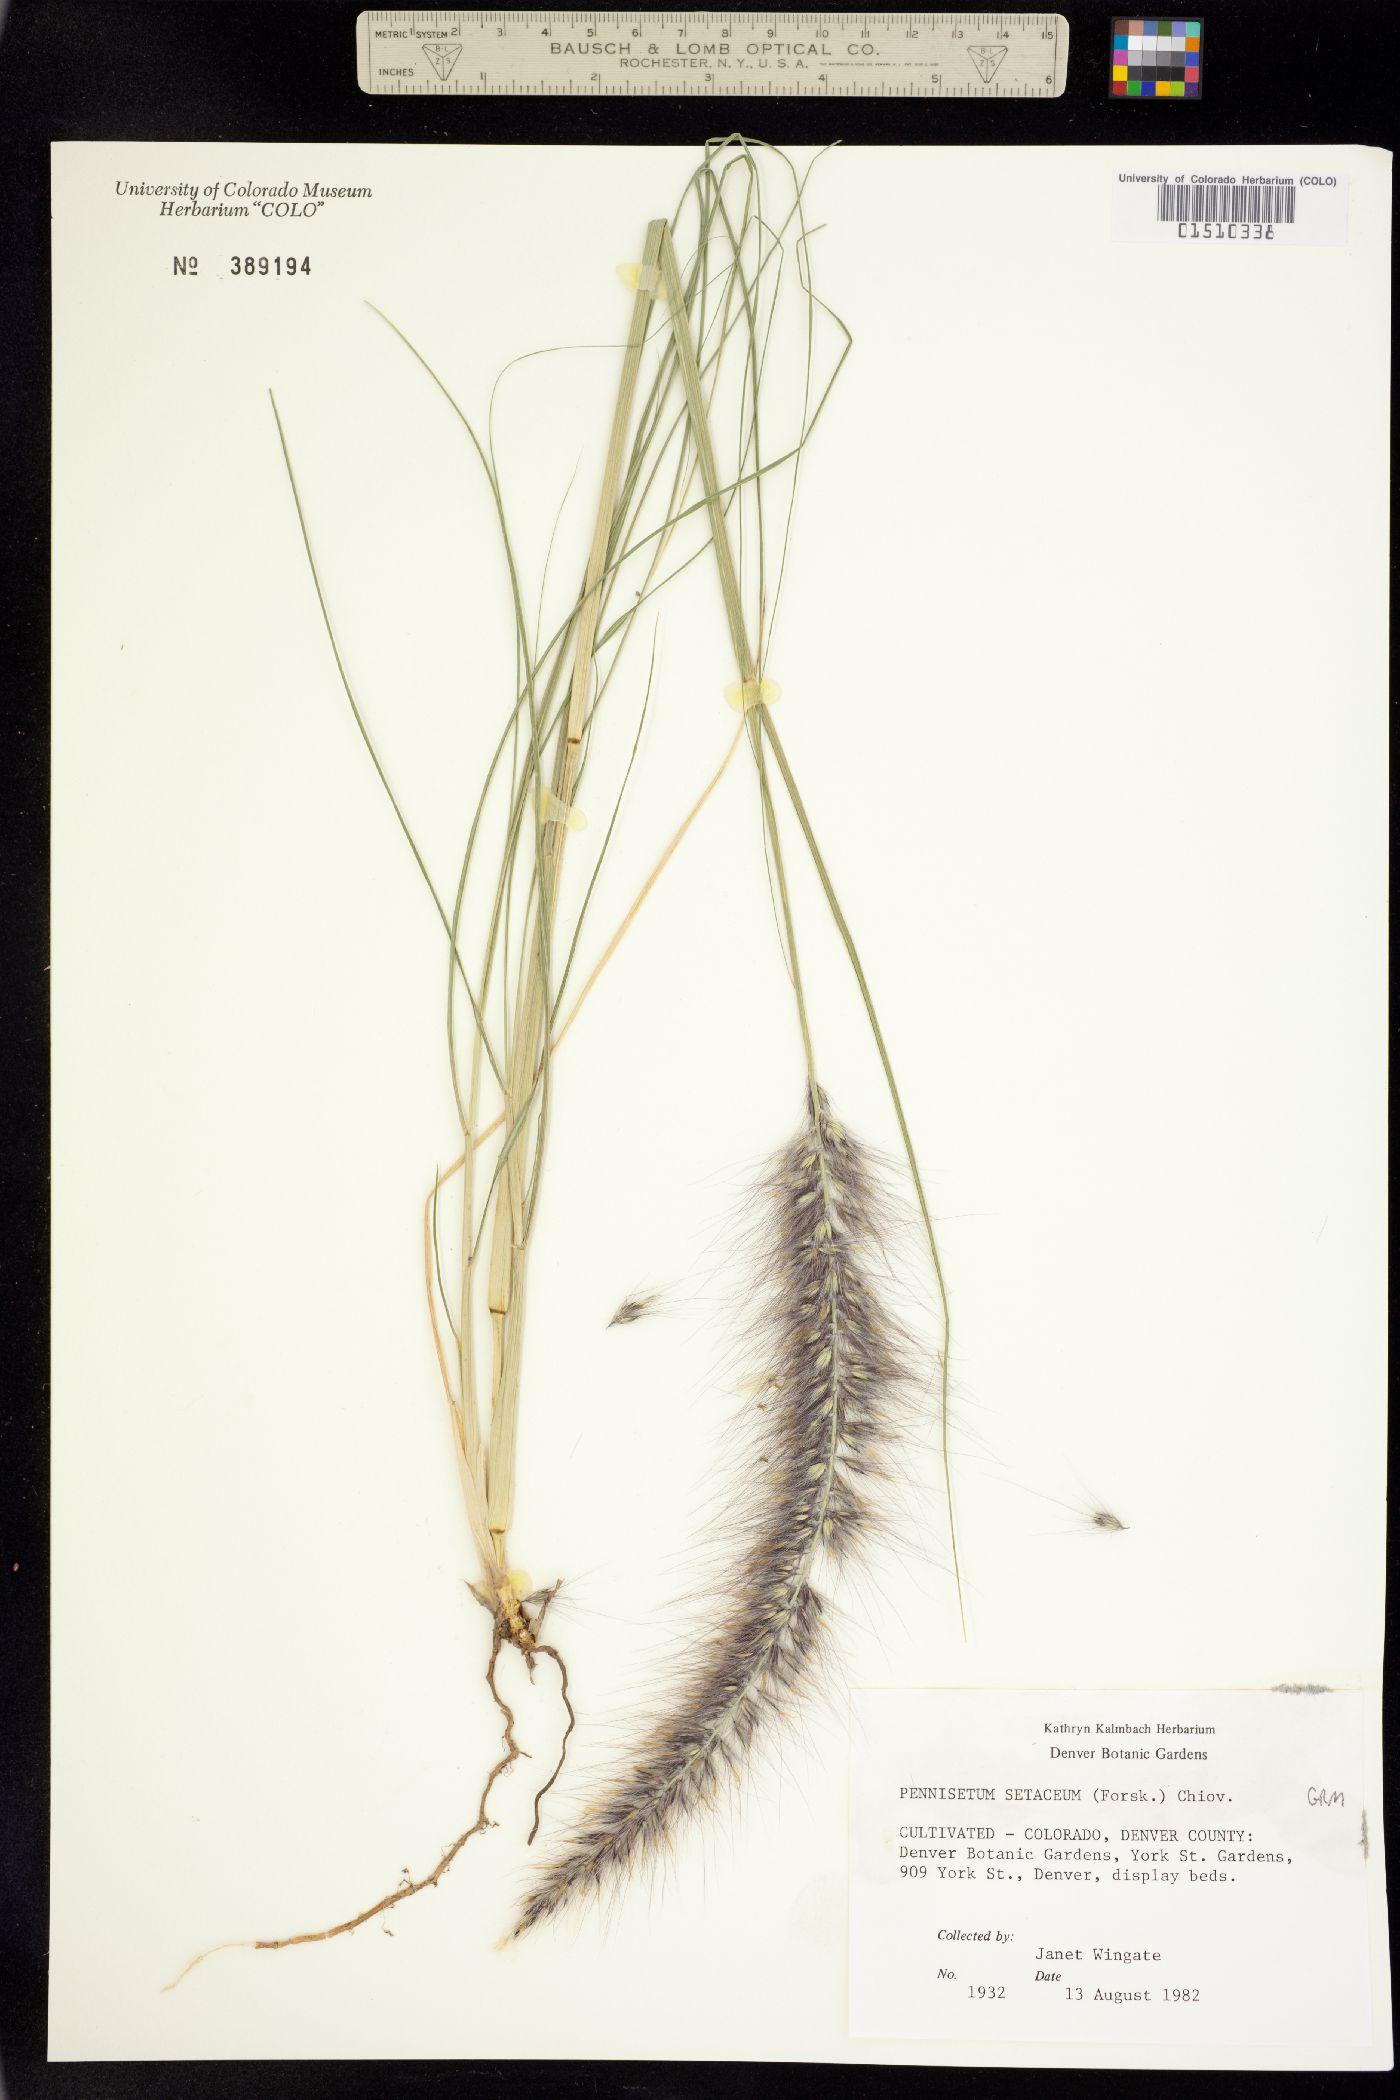 Pennisetum image